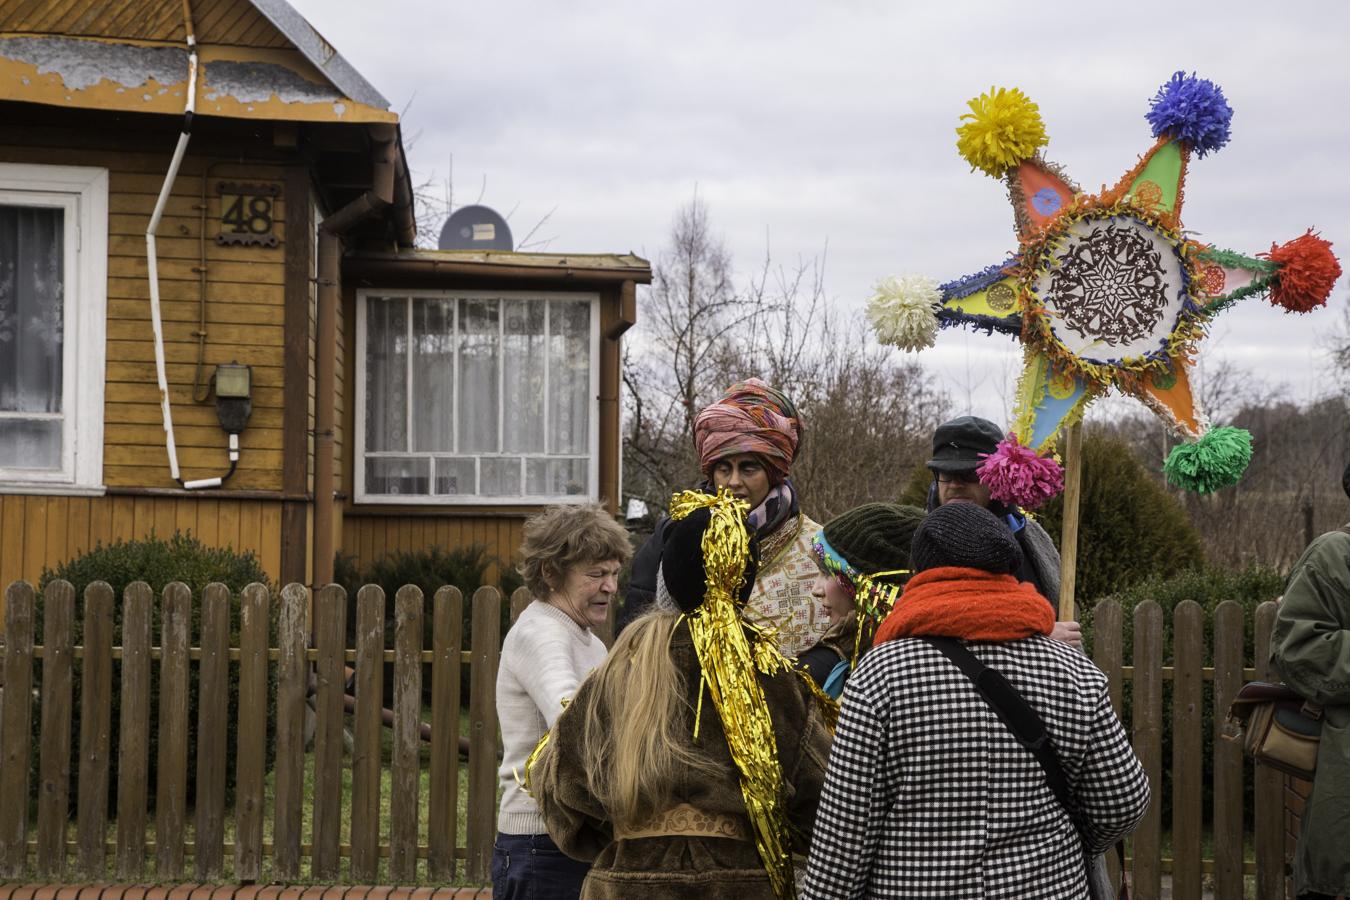 Spotkanie na ulicy Białowieży. Gospodyni wybiegła za kolędnikami, obawiając się pominięcia swojego domu.